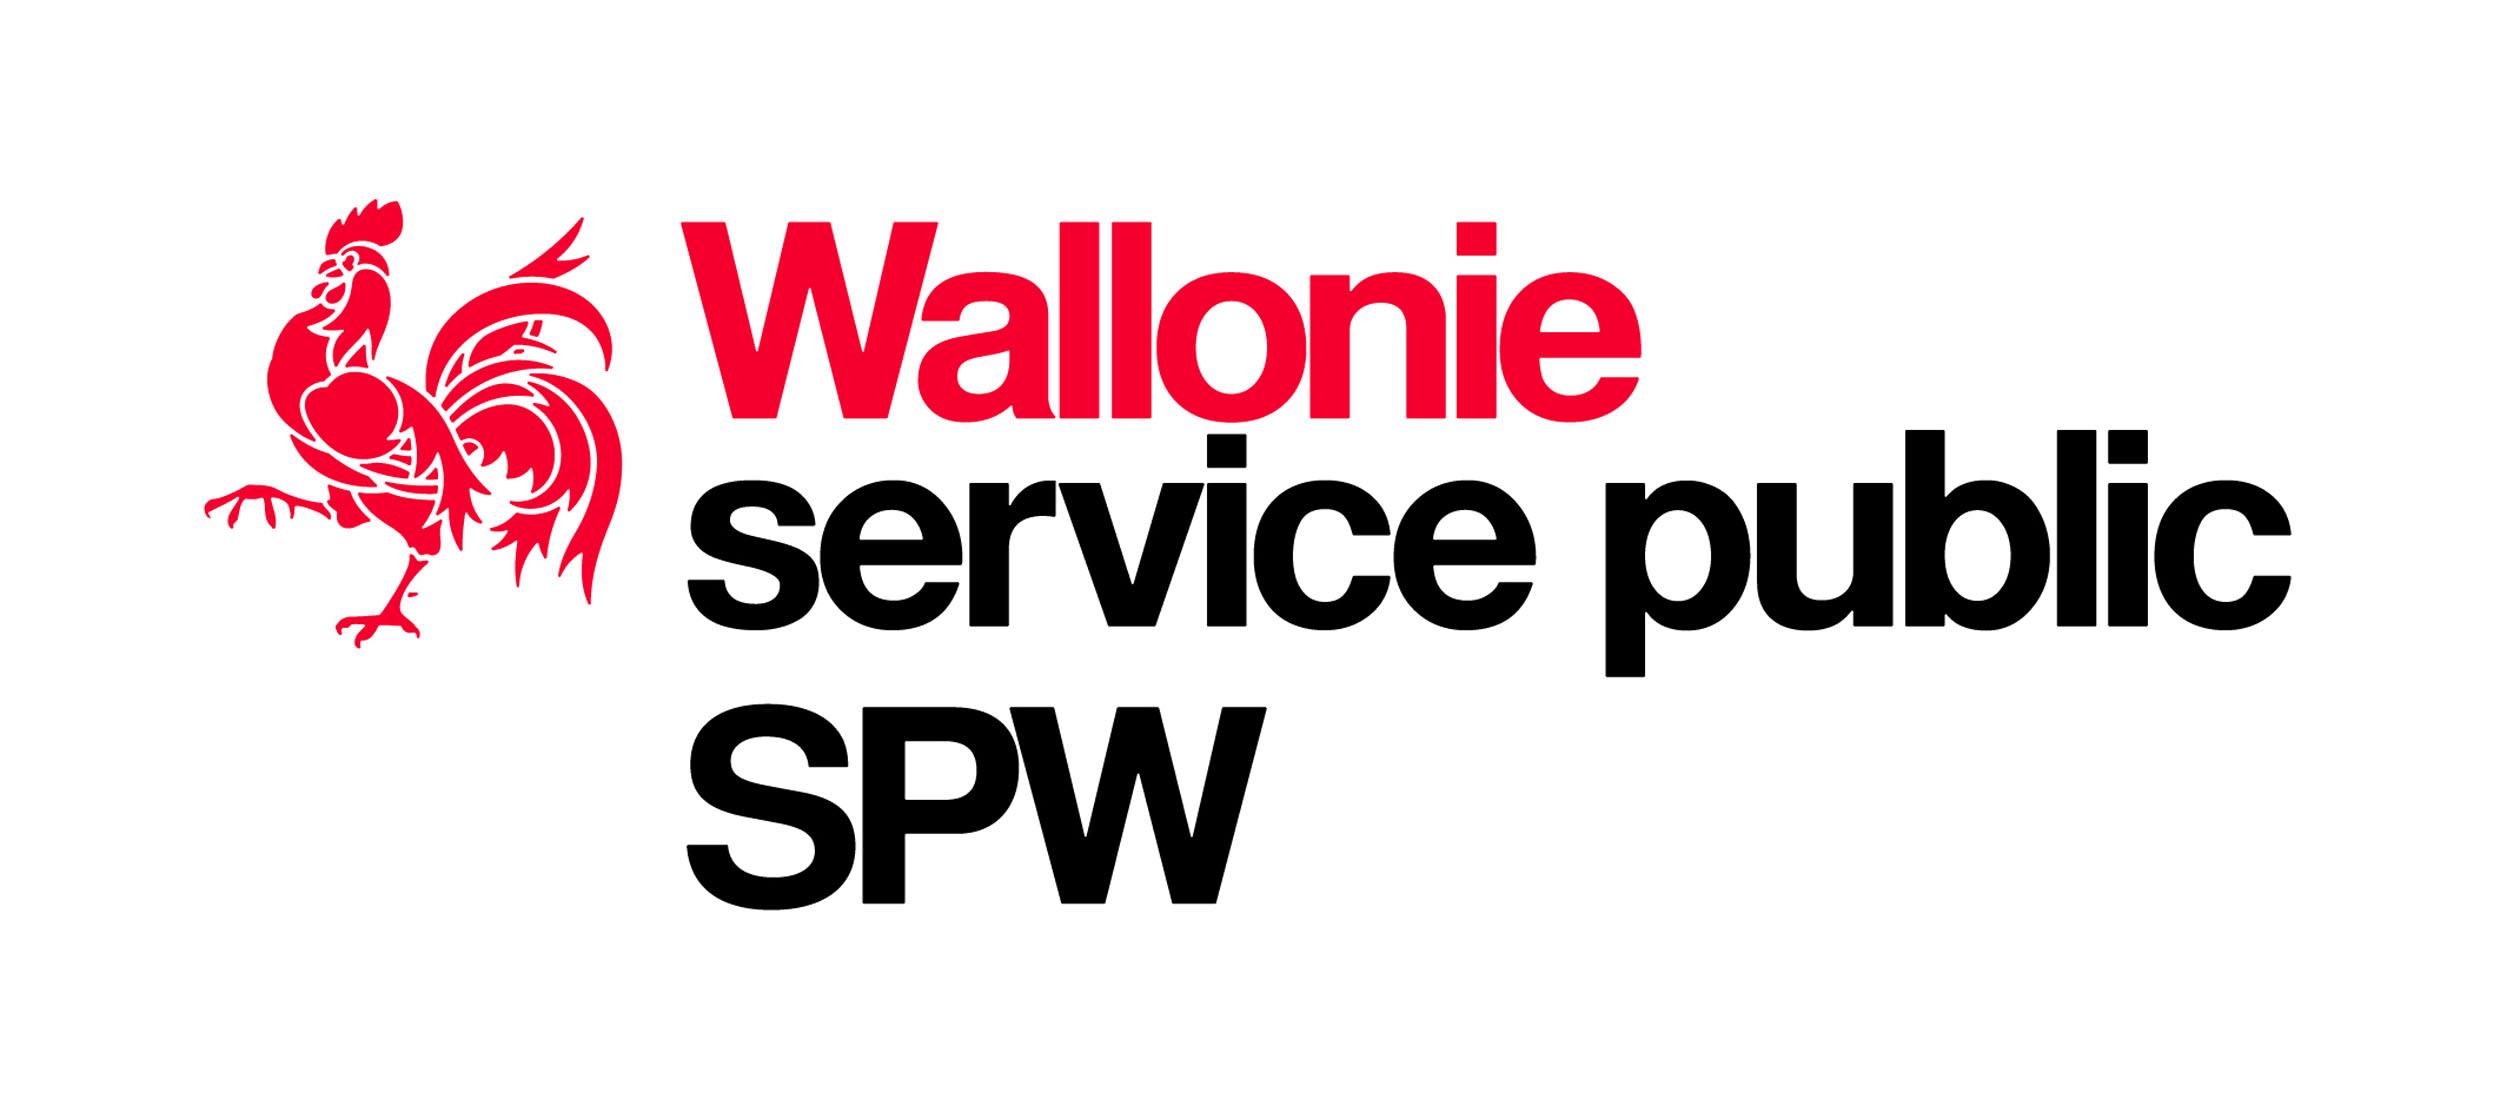 2016-systeme-walllonie-22-logos-envoi-1-04-cmyk-s